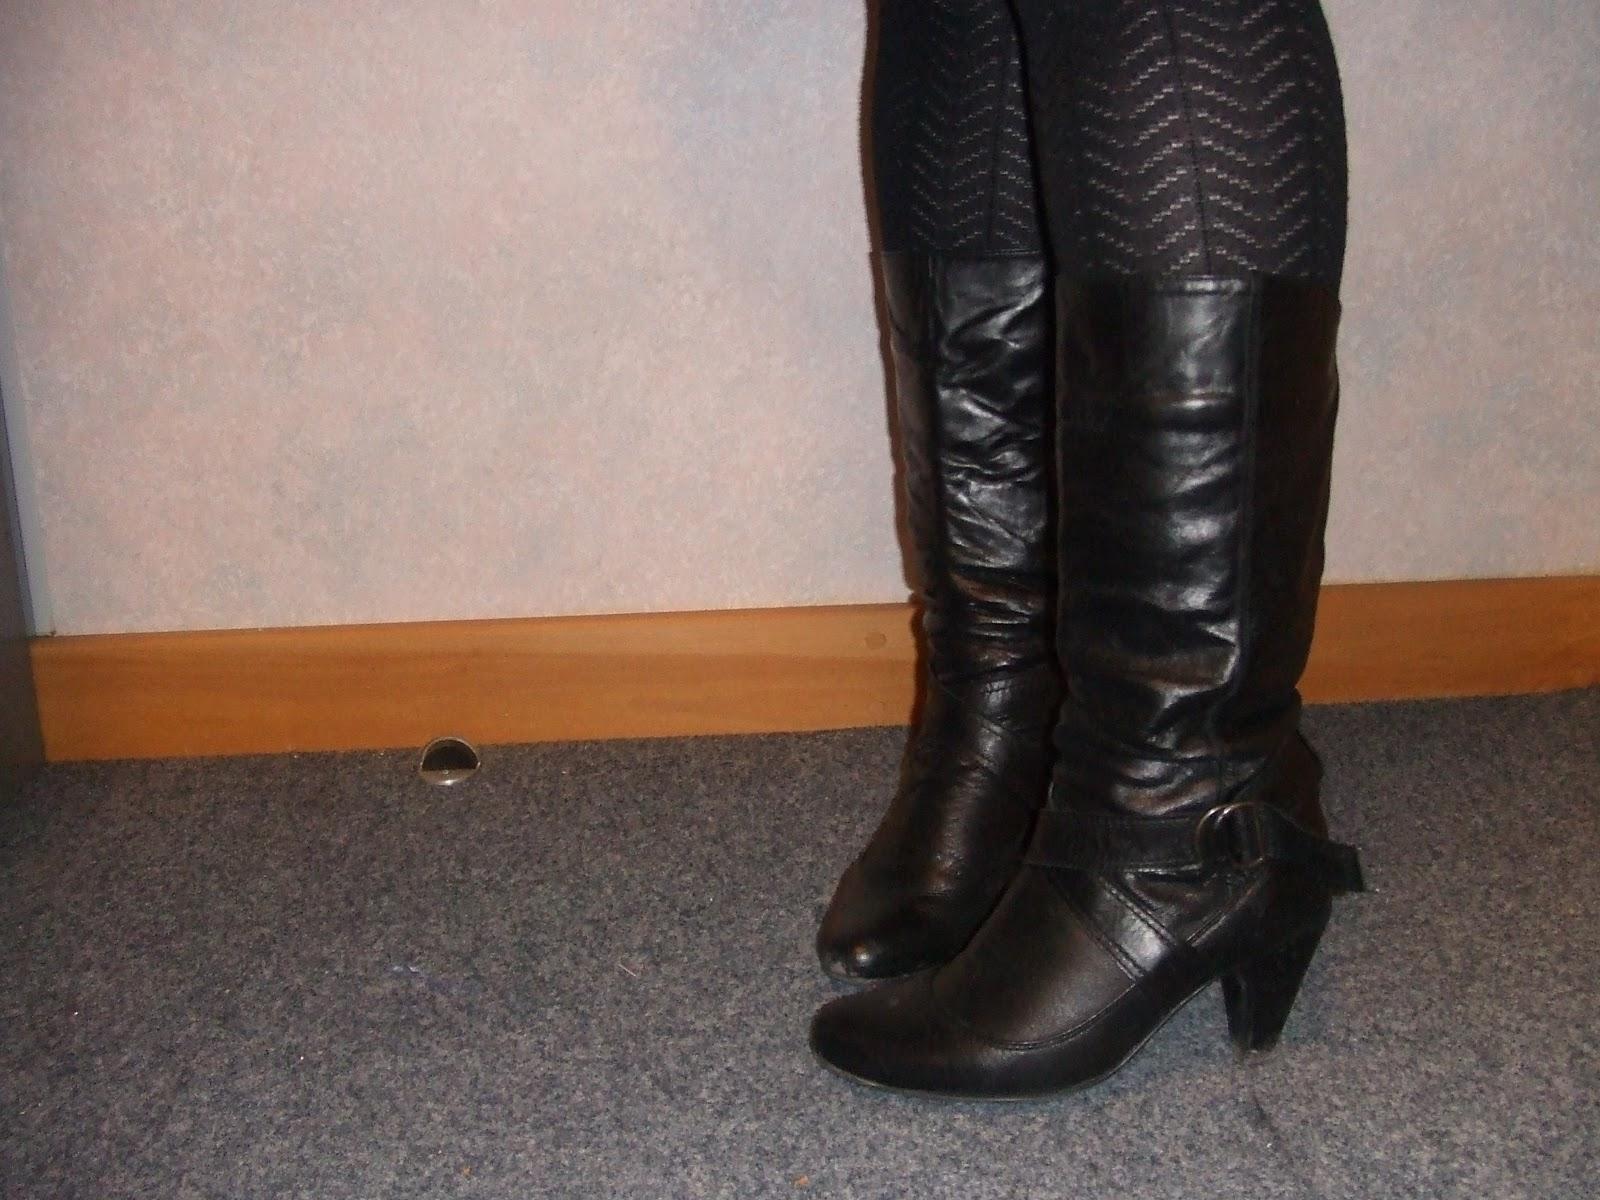 Wearing Mix Matched Shoe Sizez